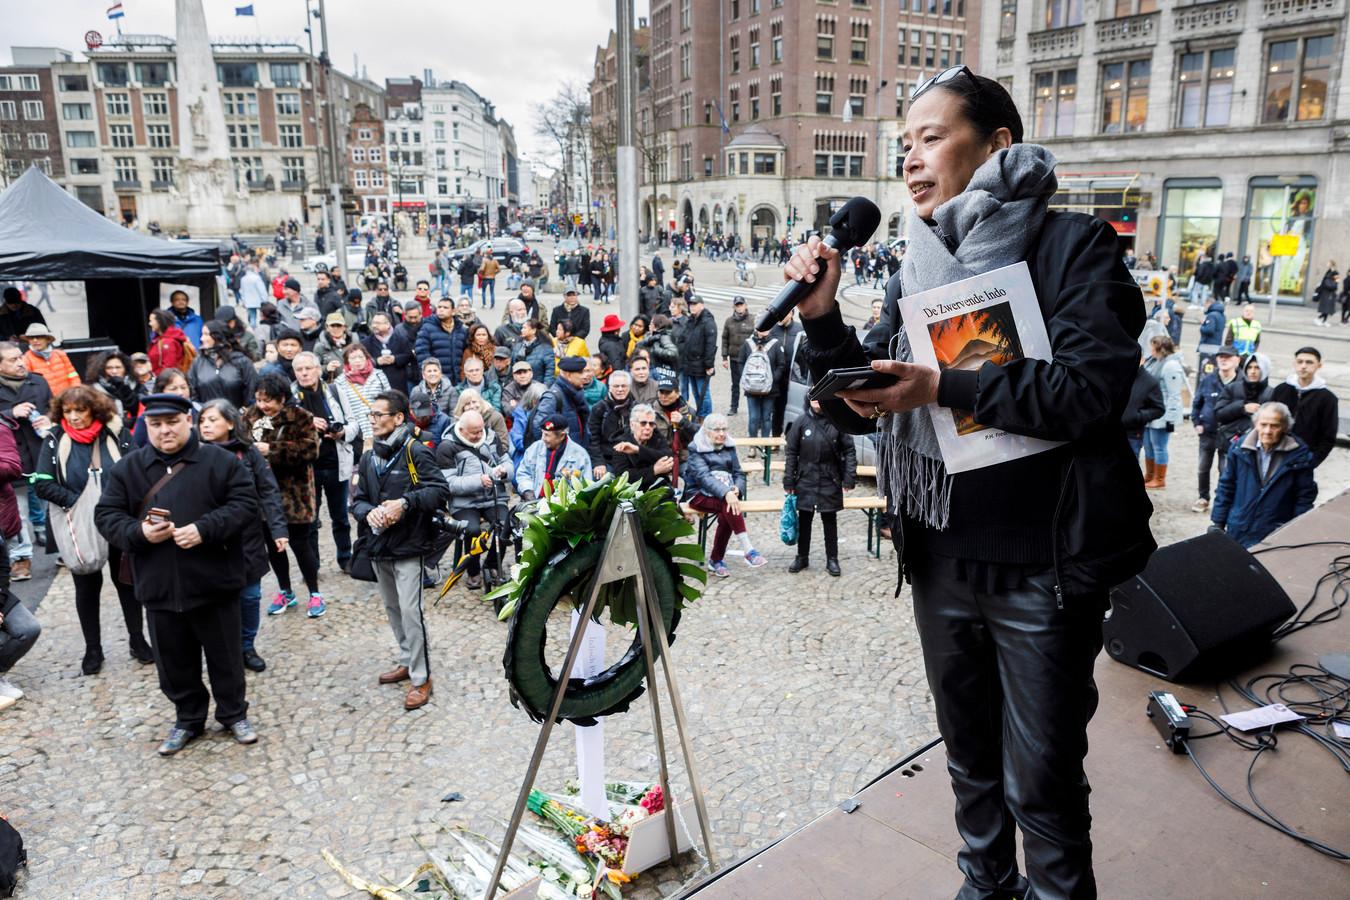 TT-2020-001268 // © Foto Marcel Israel // 080320 // Op de Dam in Amsterdam was de 'Dag van de Opstand', waar de Indische gemeenschap symbolisch de oorlog verklaart aan de Nederlandse Staat vanwege uitblijven eerherstel. De Twentse Peggy Stein organiseert het, Enschedeër Ron Brus spreekt er.// Peggy Stein